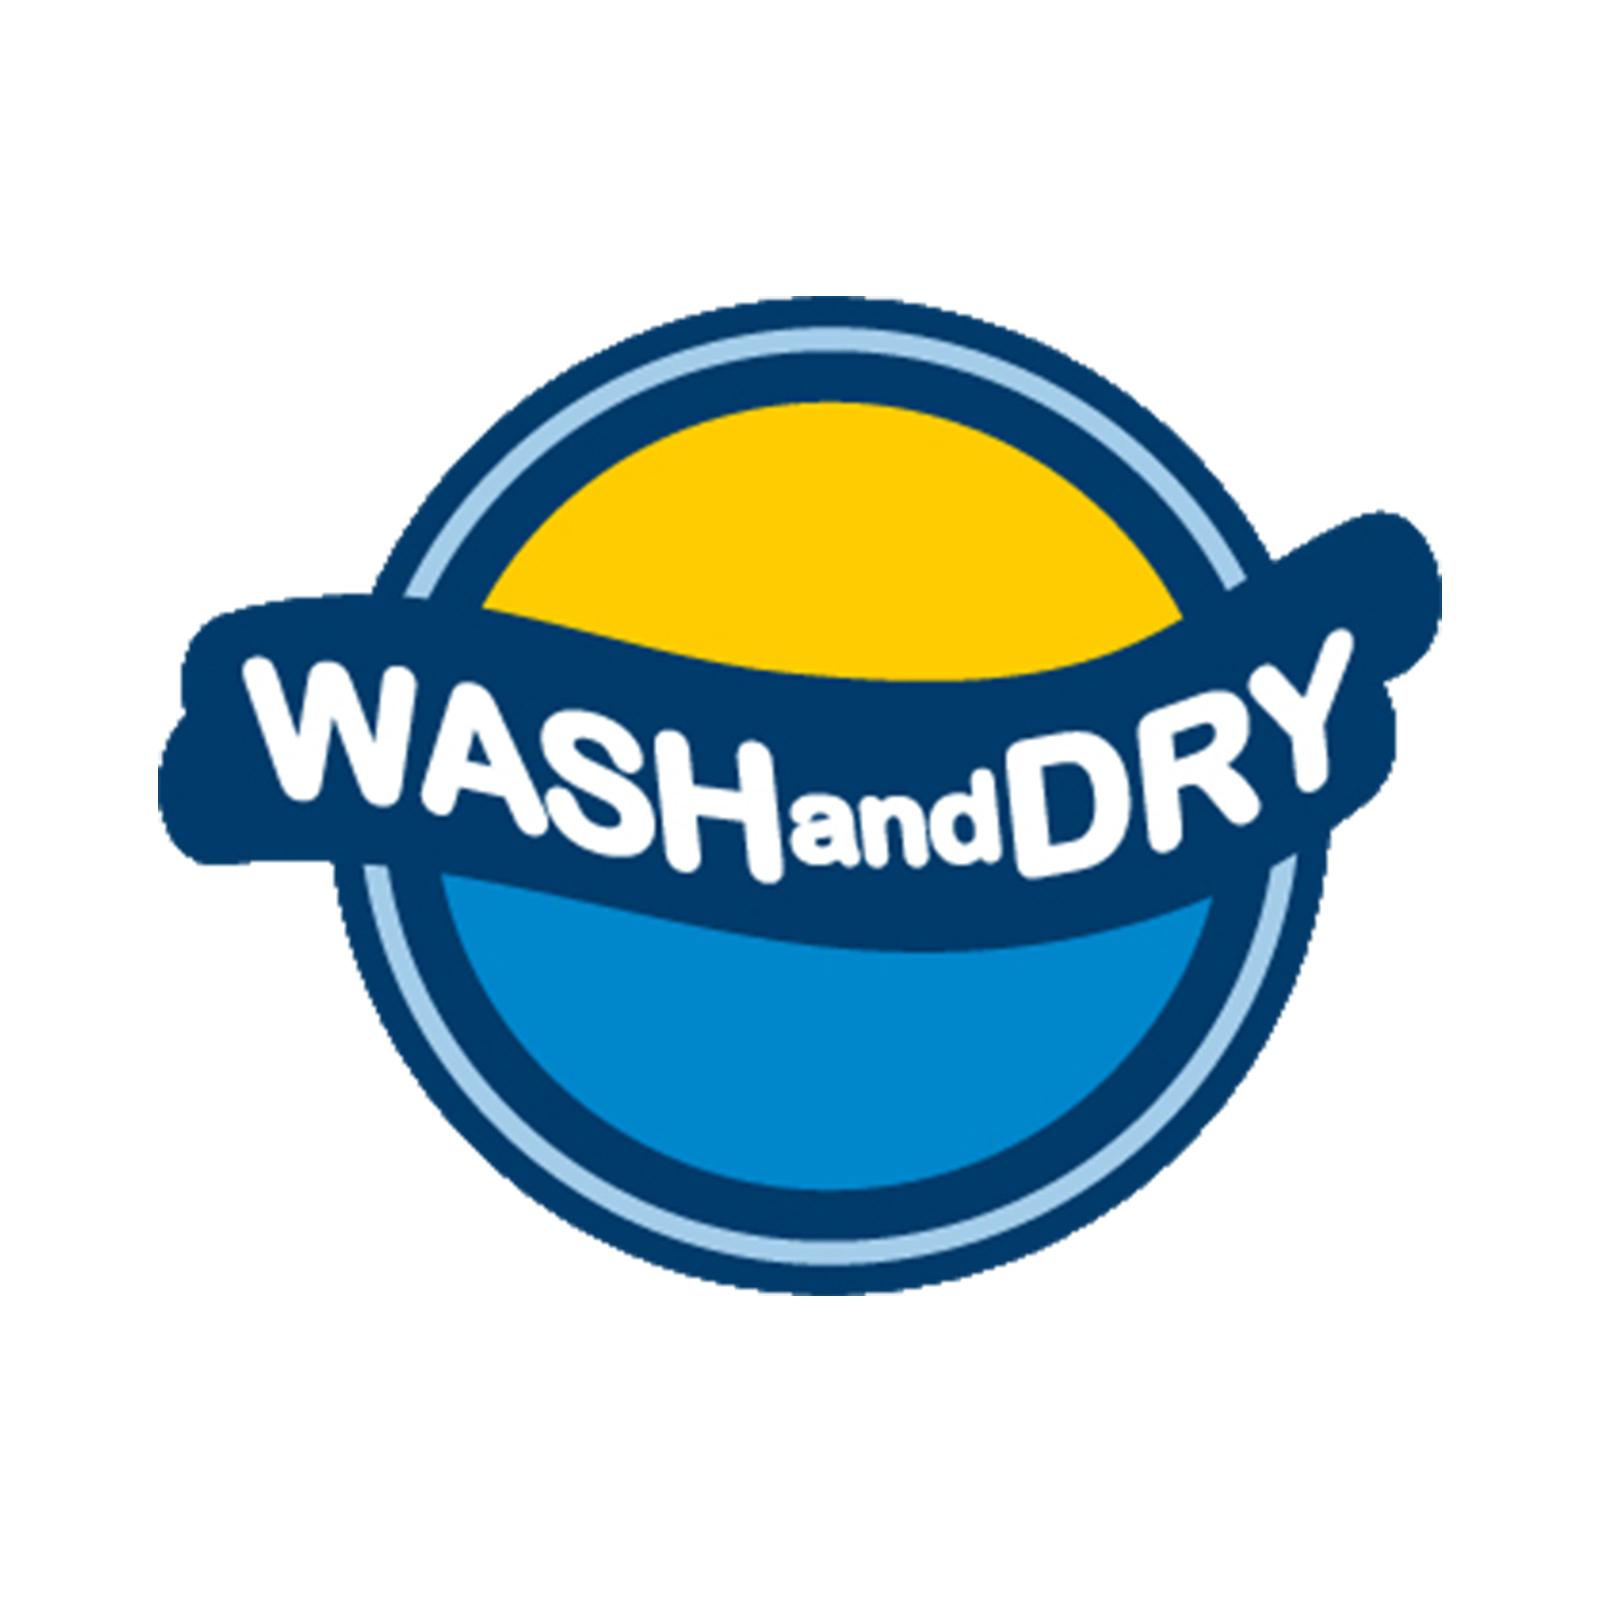 WASH and DRY: Il marchio WASH AND DRY attesta che le strutture in lattice sono state sottoposte a lavaggio ed asciugatura. Eliminando tutti gli eventuali residui presenti nella raccolta.